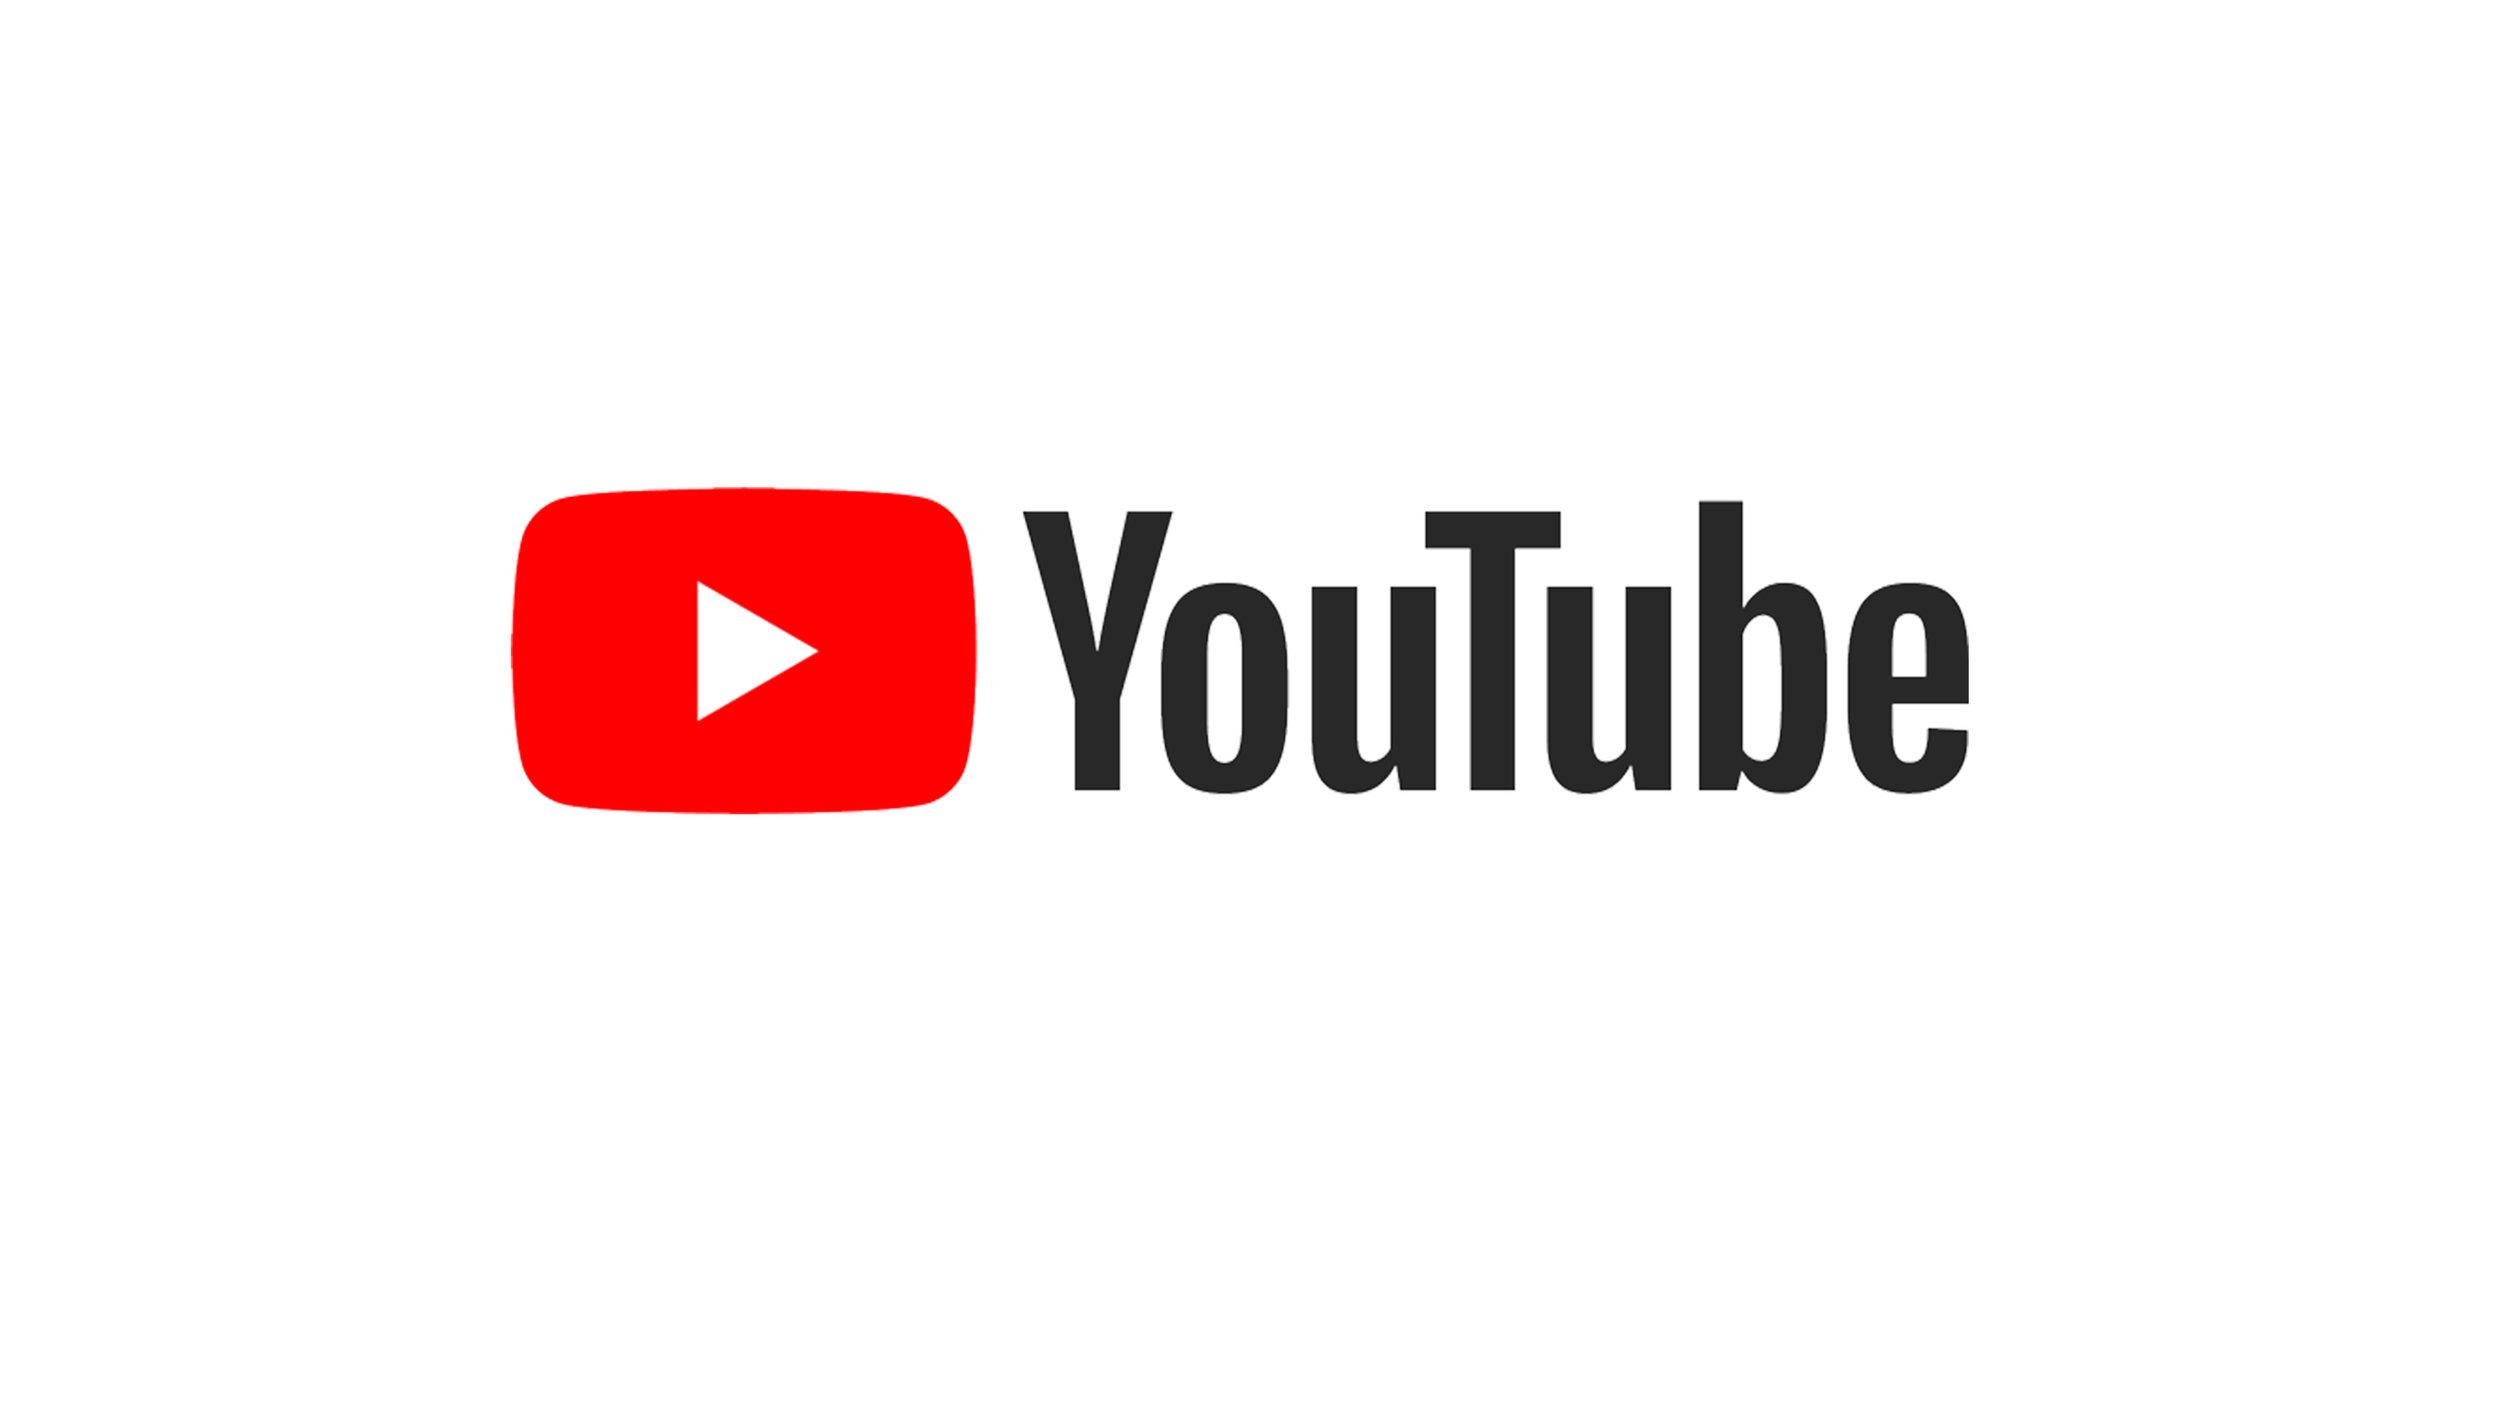 Youtube-Logo-Design-Vector.jpg